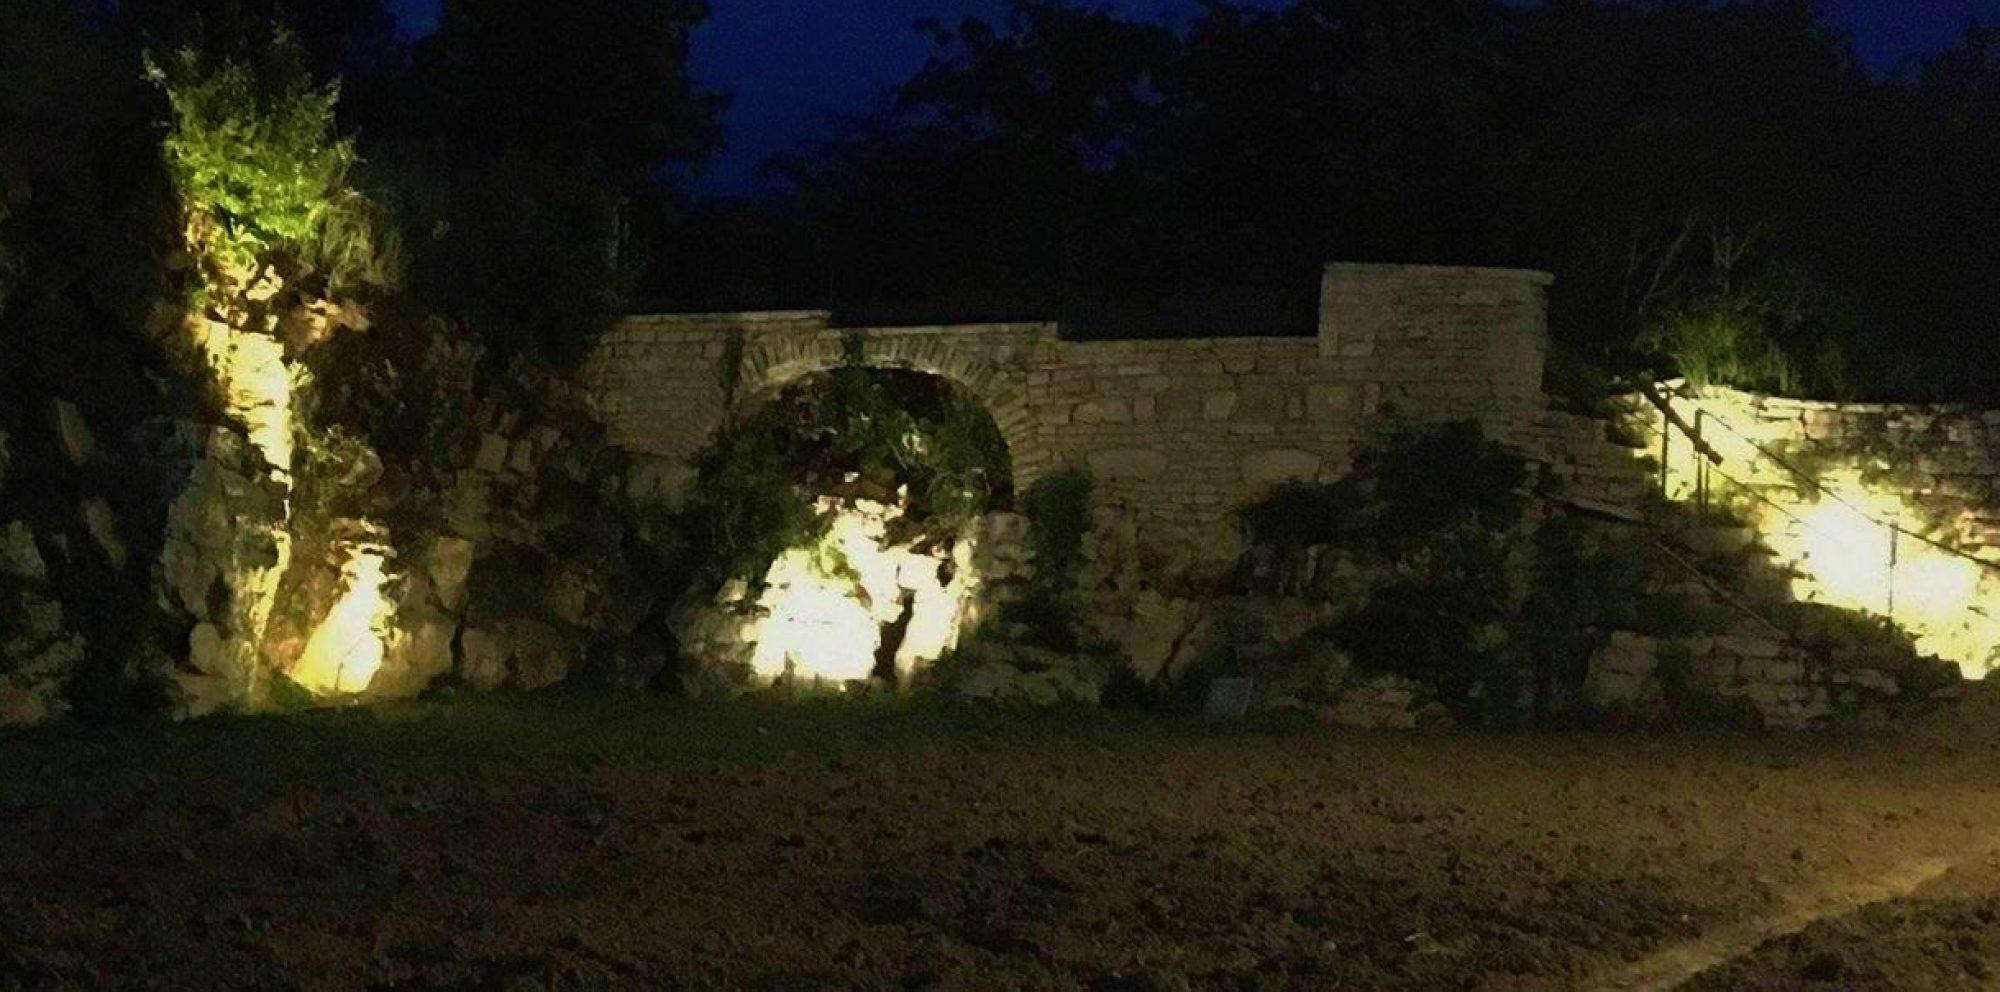 LUCENAY - Village Lumière